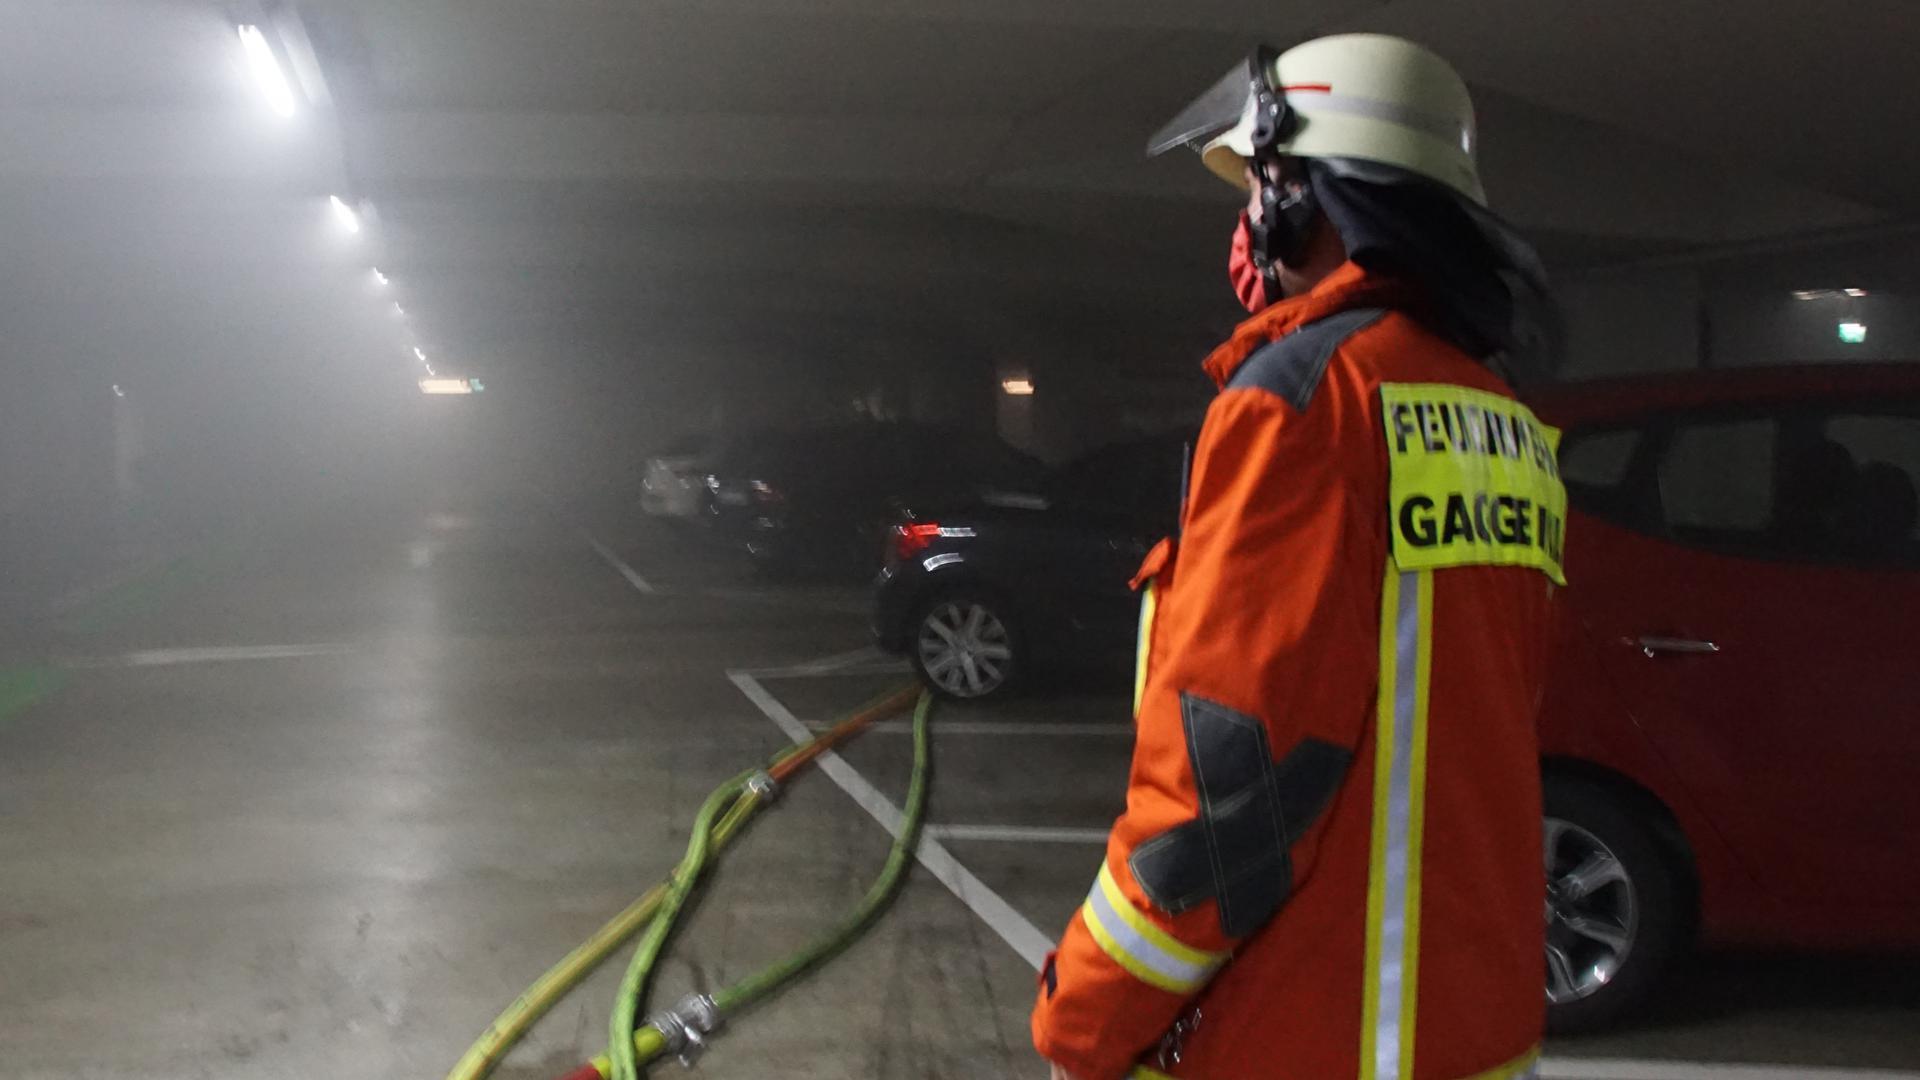 18.9.2020: Die Feuerwehr Gaggenau löscht ein brennendes Auto in einer Tiefgarage.